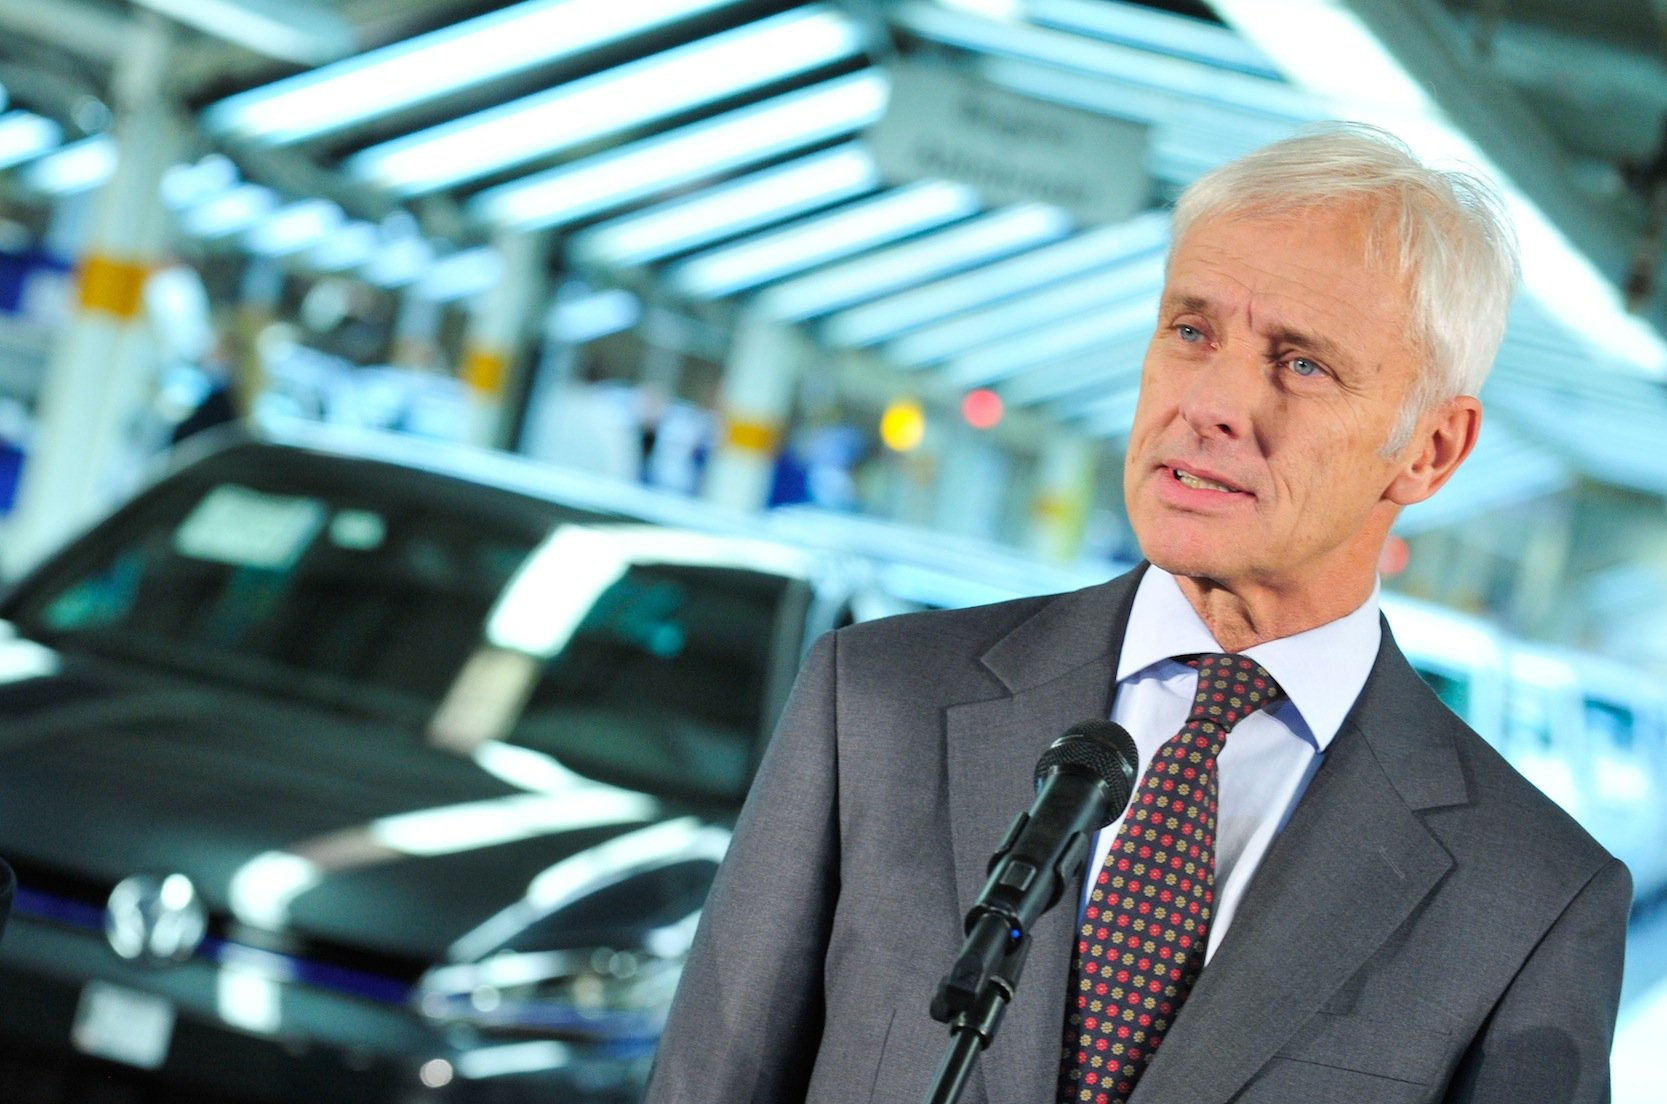 VW-Chef Matthias Müller hat ein Herz für US-Kunden: Die bekommen Entschädigung wegen des Dieselskandals. Die ebenso betroffenen 8,5 Millionen Kunden in Europa sollen dagegen keine Entschädigung bekommen.